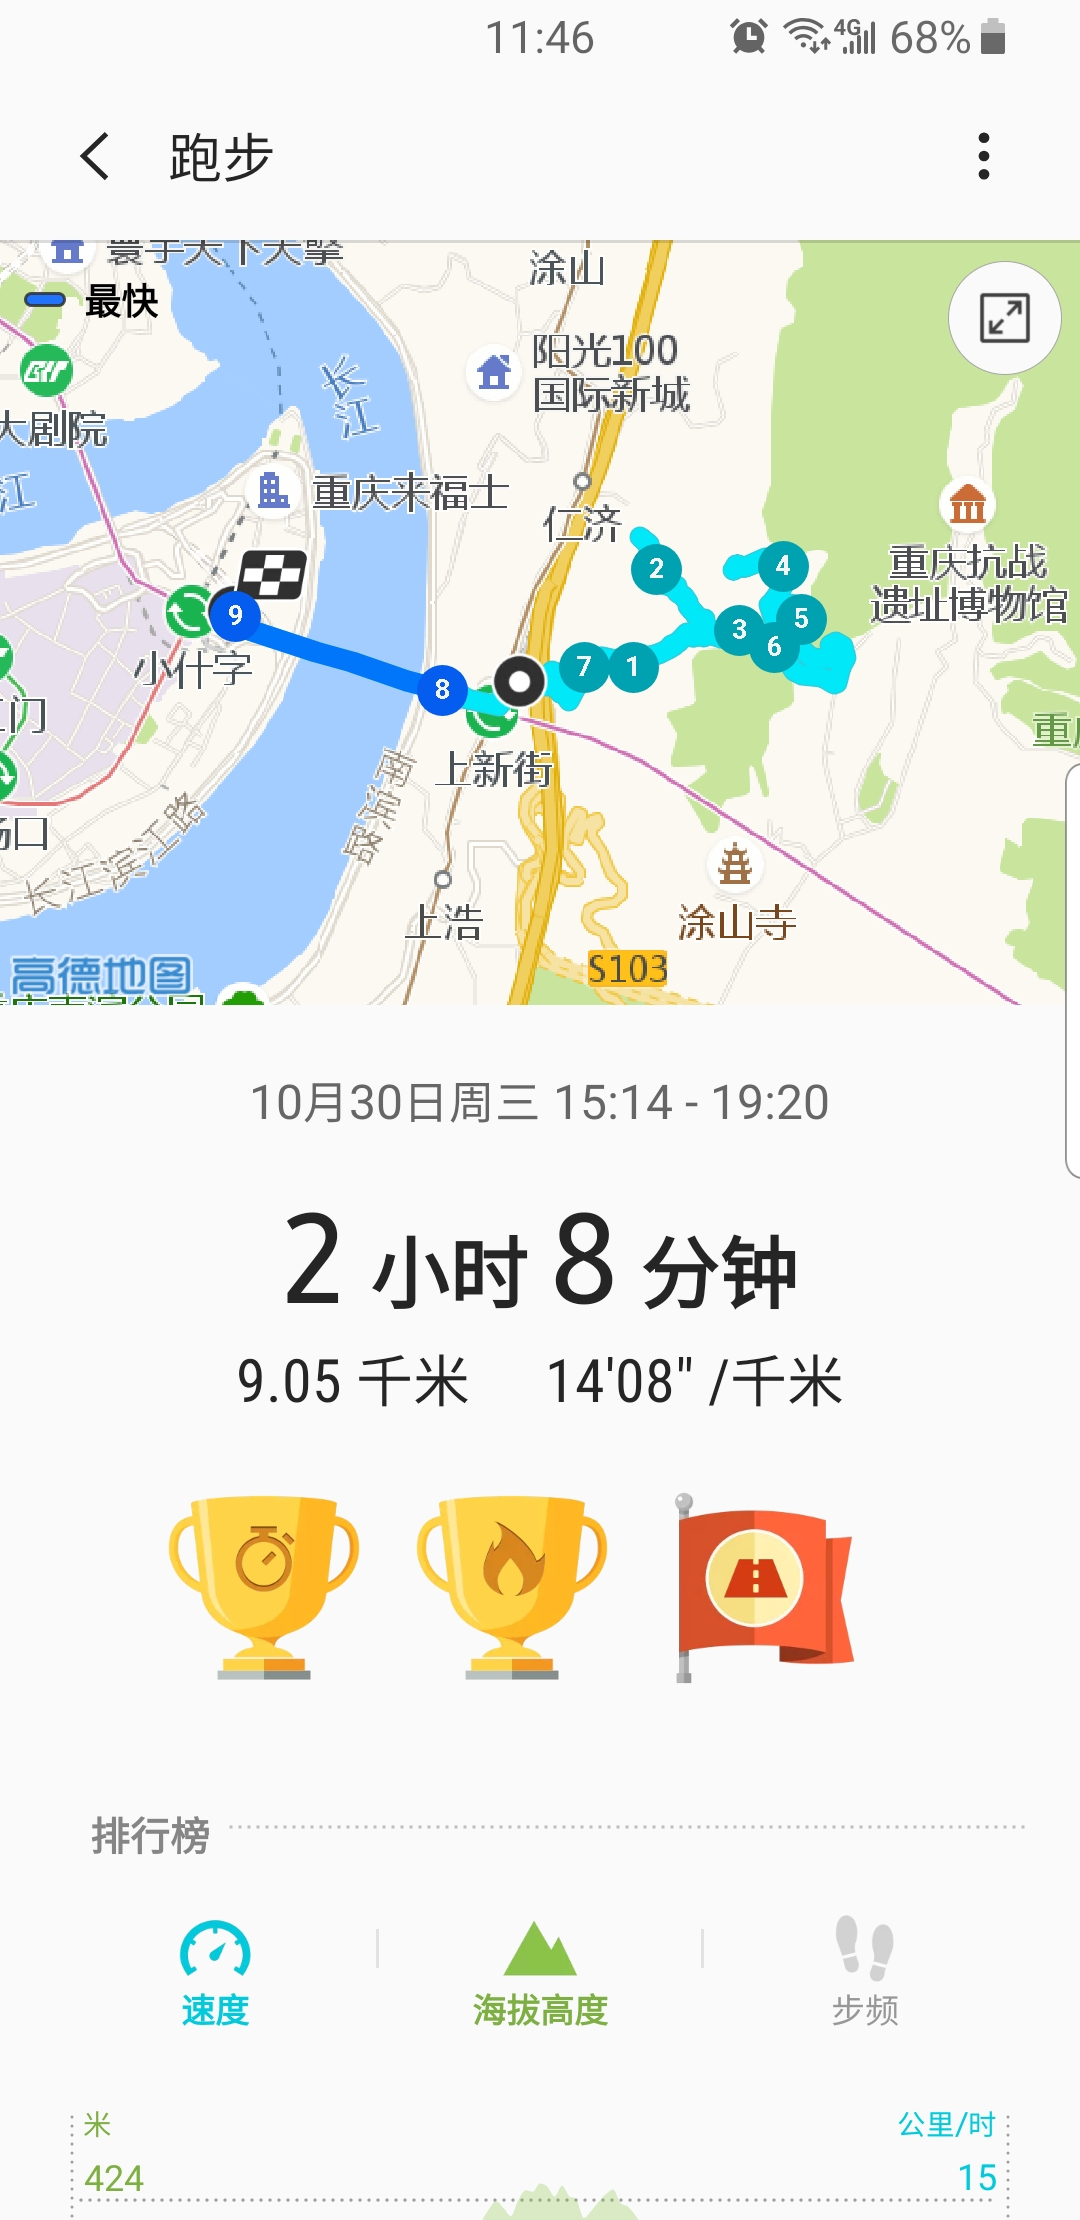 南山红鸡西线10号2019年10月30日插图1